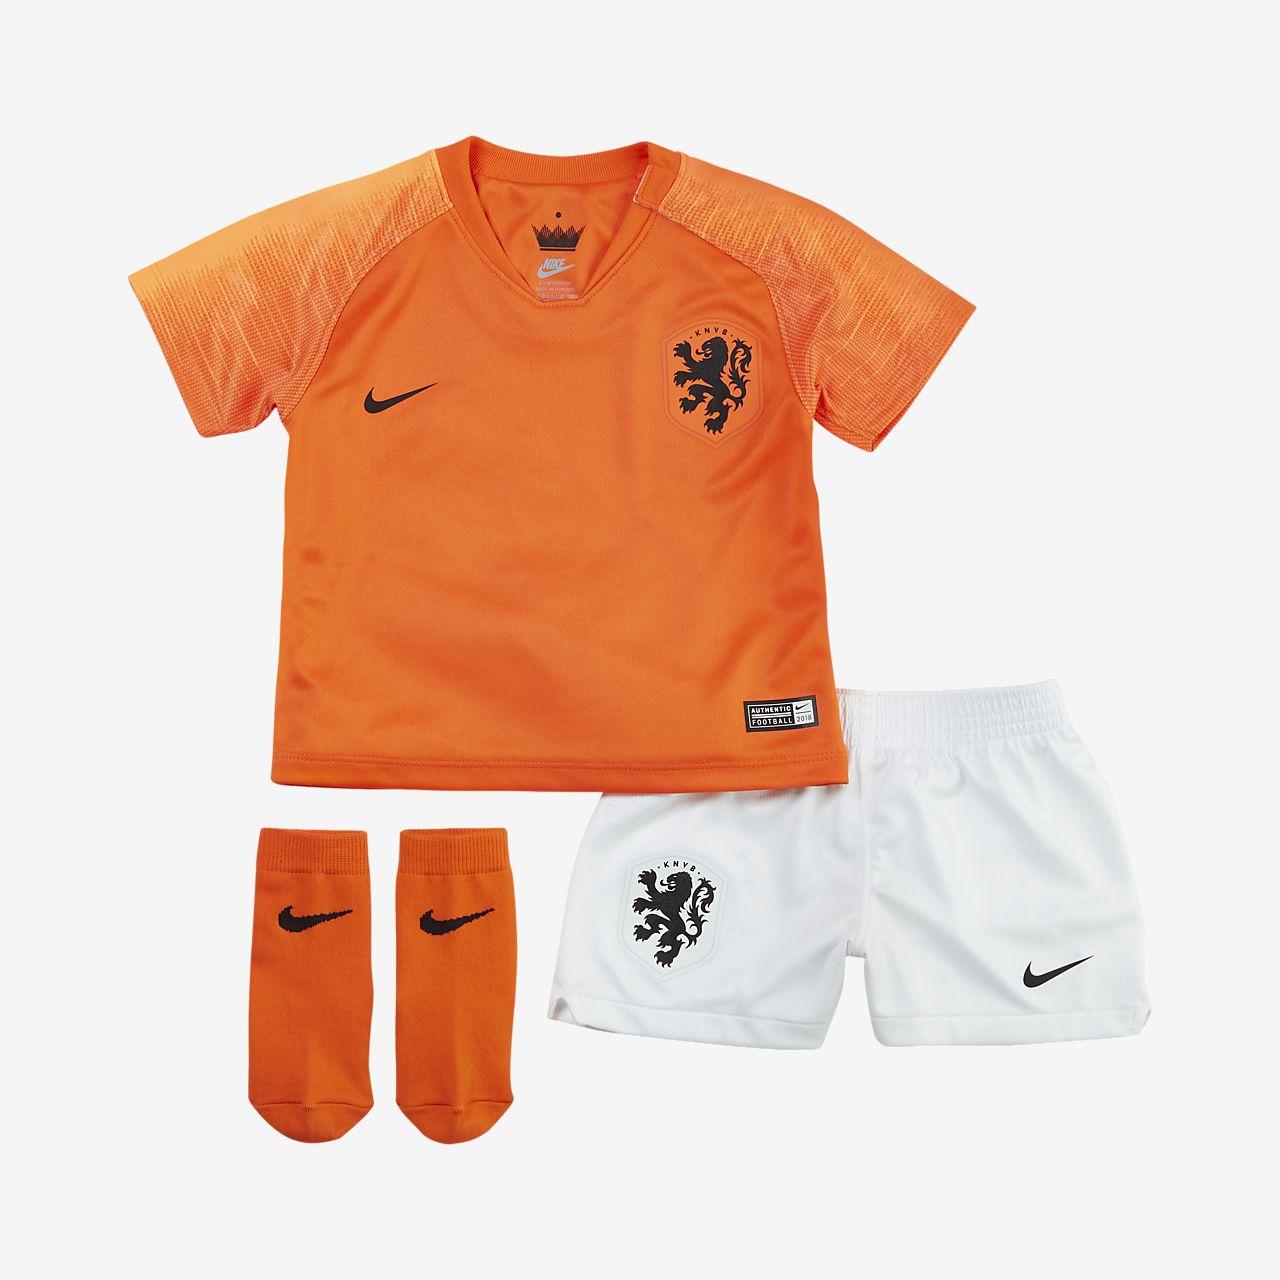 2018 Netherlands Stadium Home Voetbaltenue voor baby's/peuters